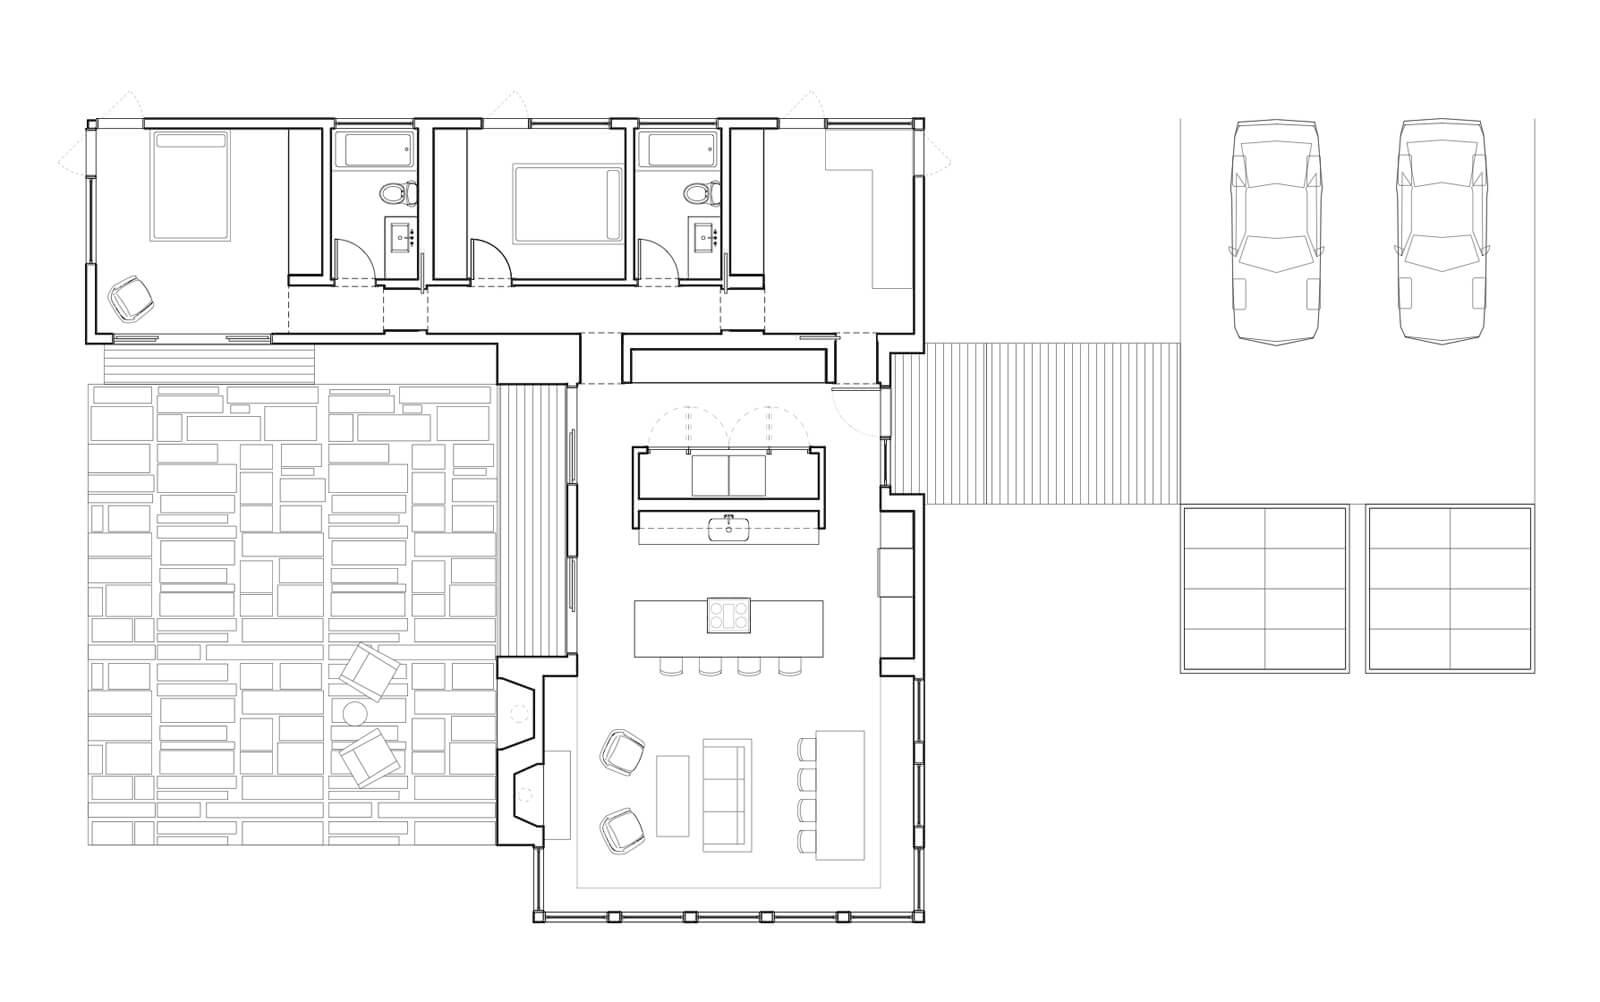 Floor plan of an L-shaped floor